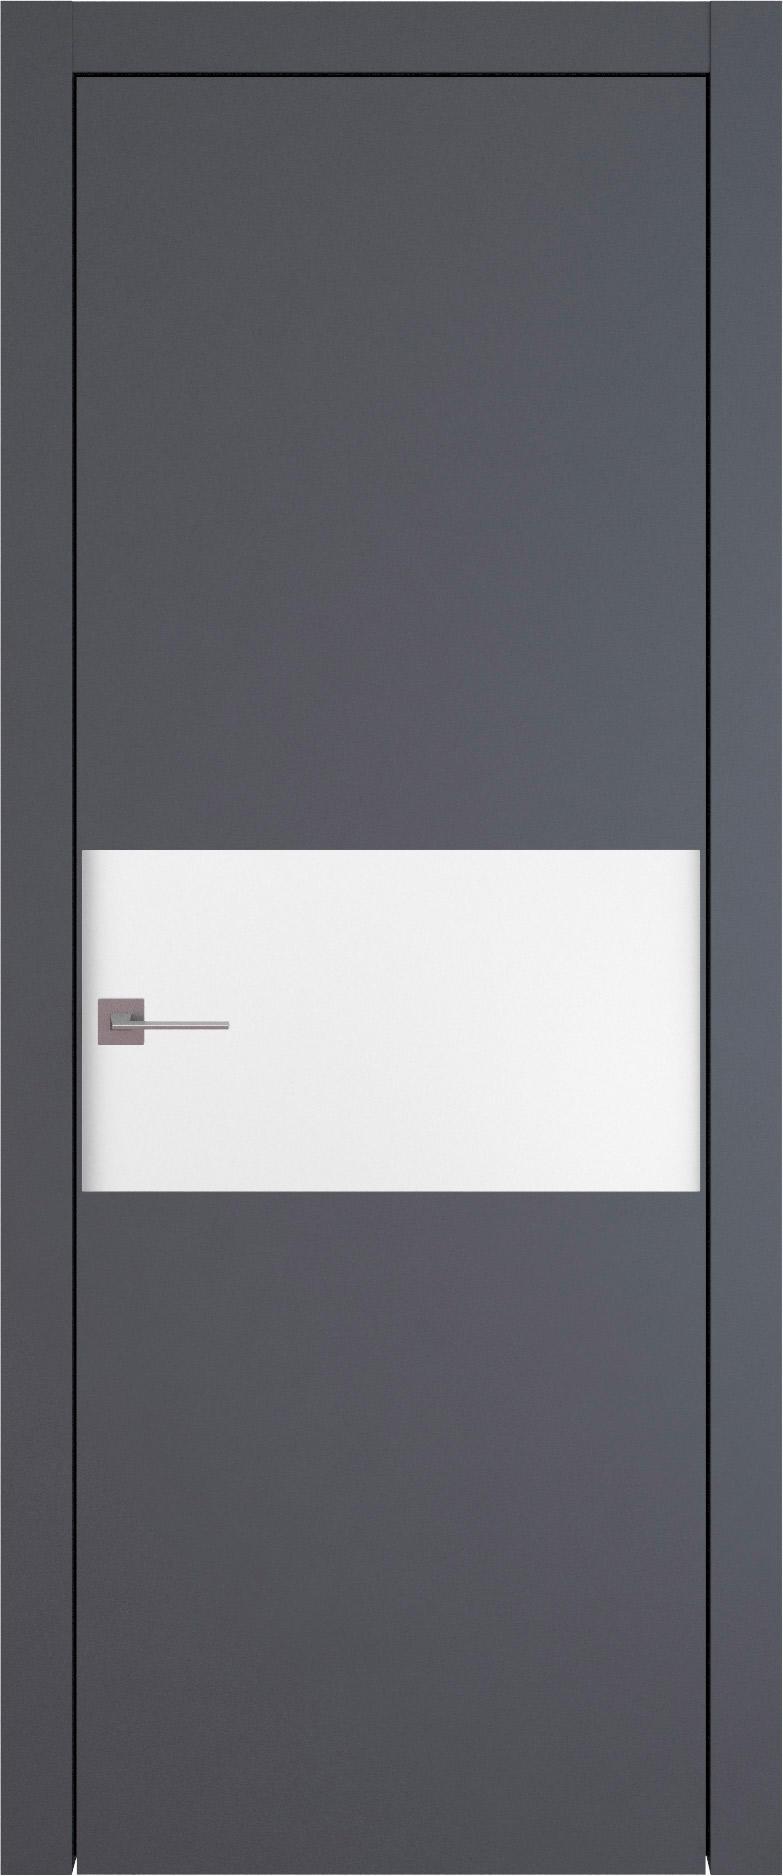 Tivoli Е-4 цвет - Графитово-серая эмаль (RAL 7024) Без стекла (ДГ)